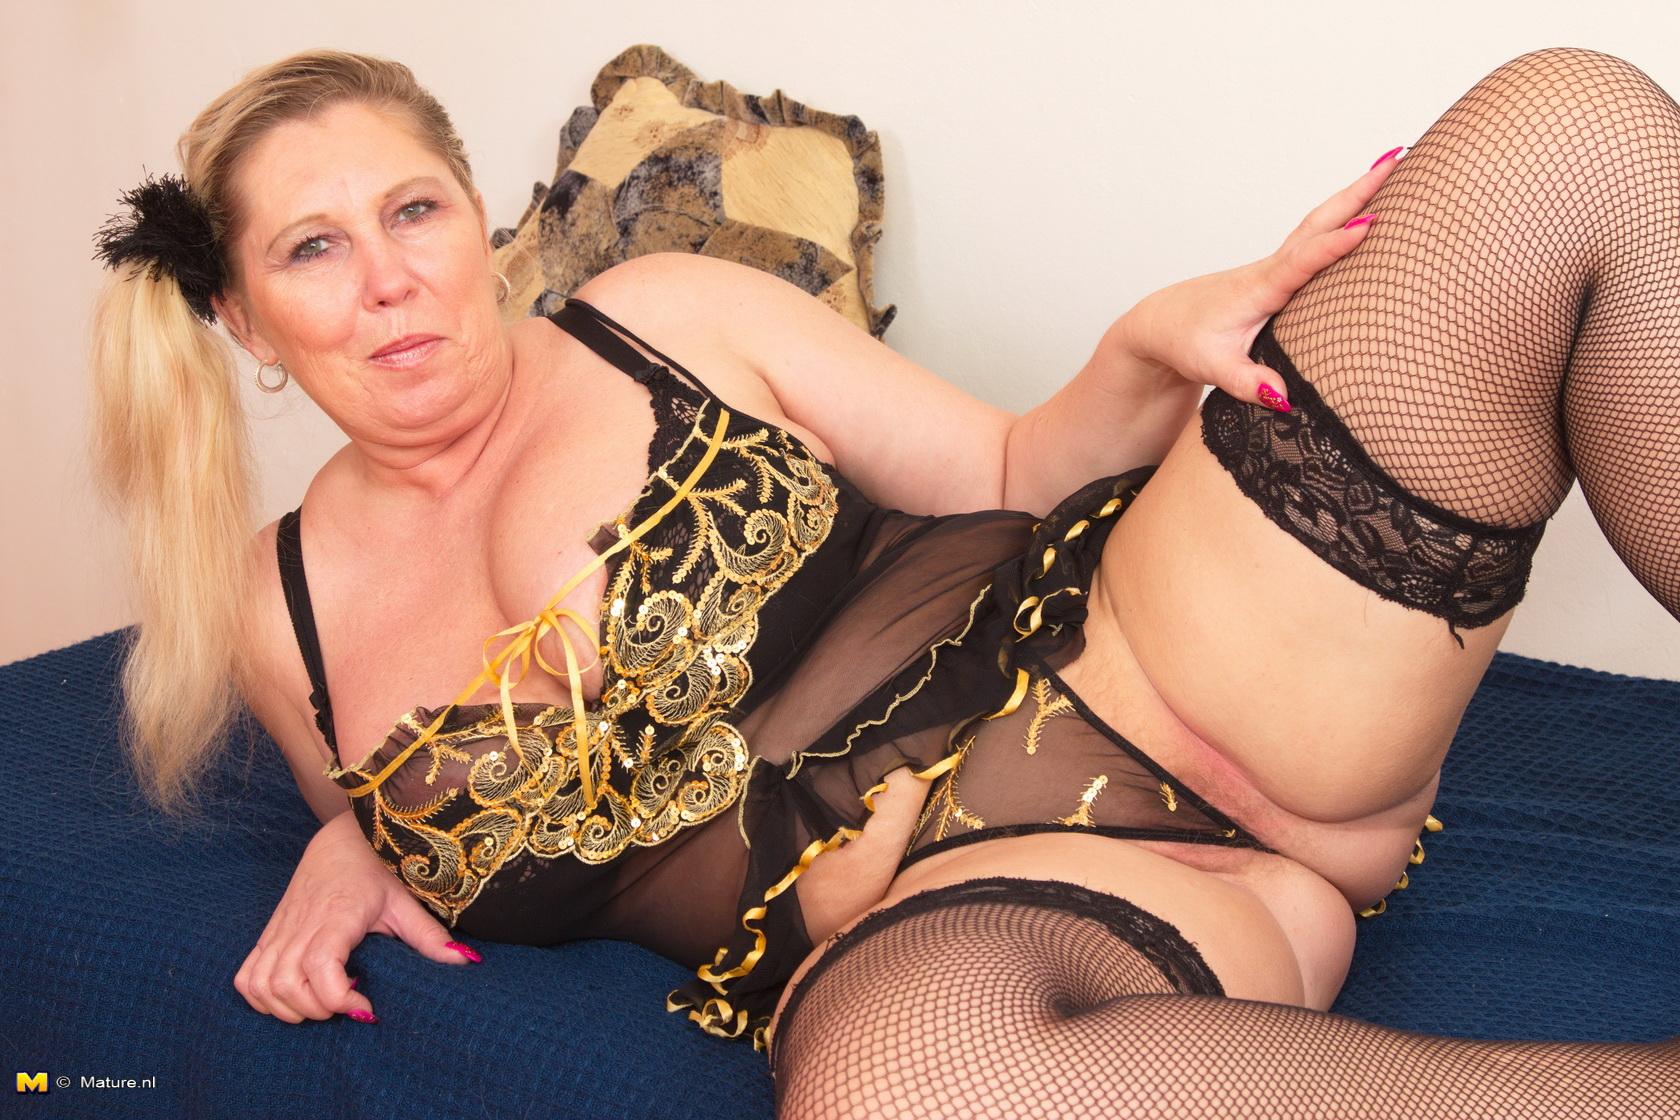 Сексуальные игры зрелых толстушек 5 фотография